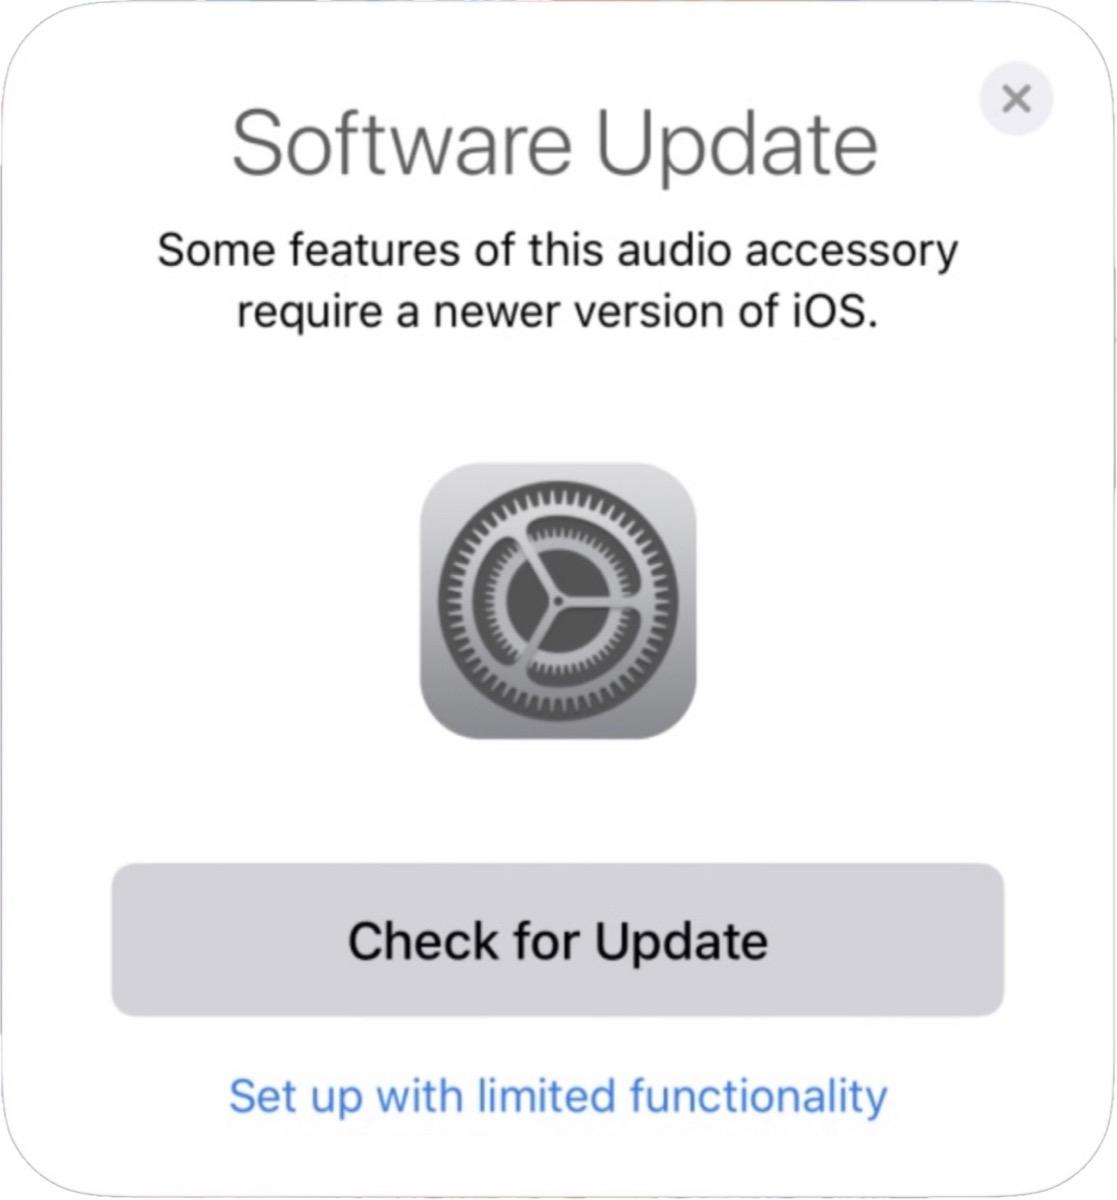 AirPods 2 funzionano anche su iOS 12.1 e precedenti, ma c'è una differenza